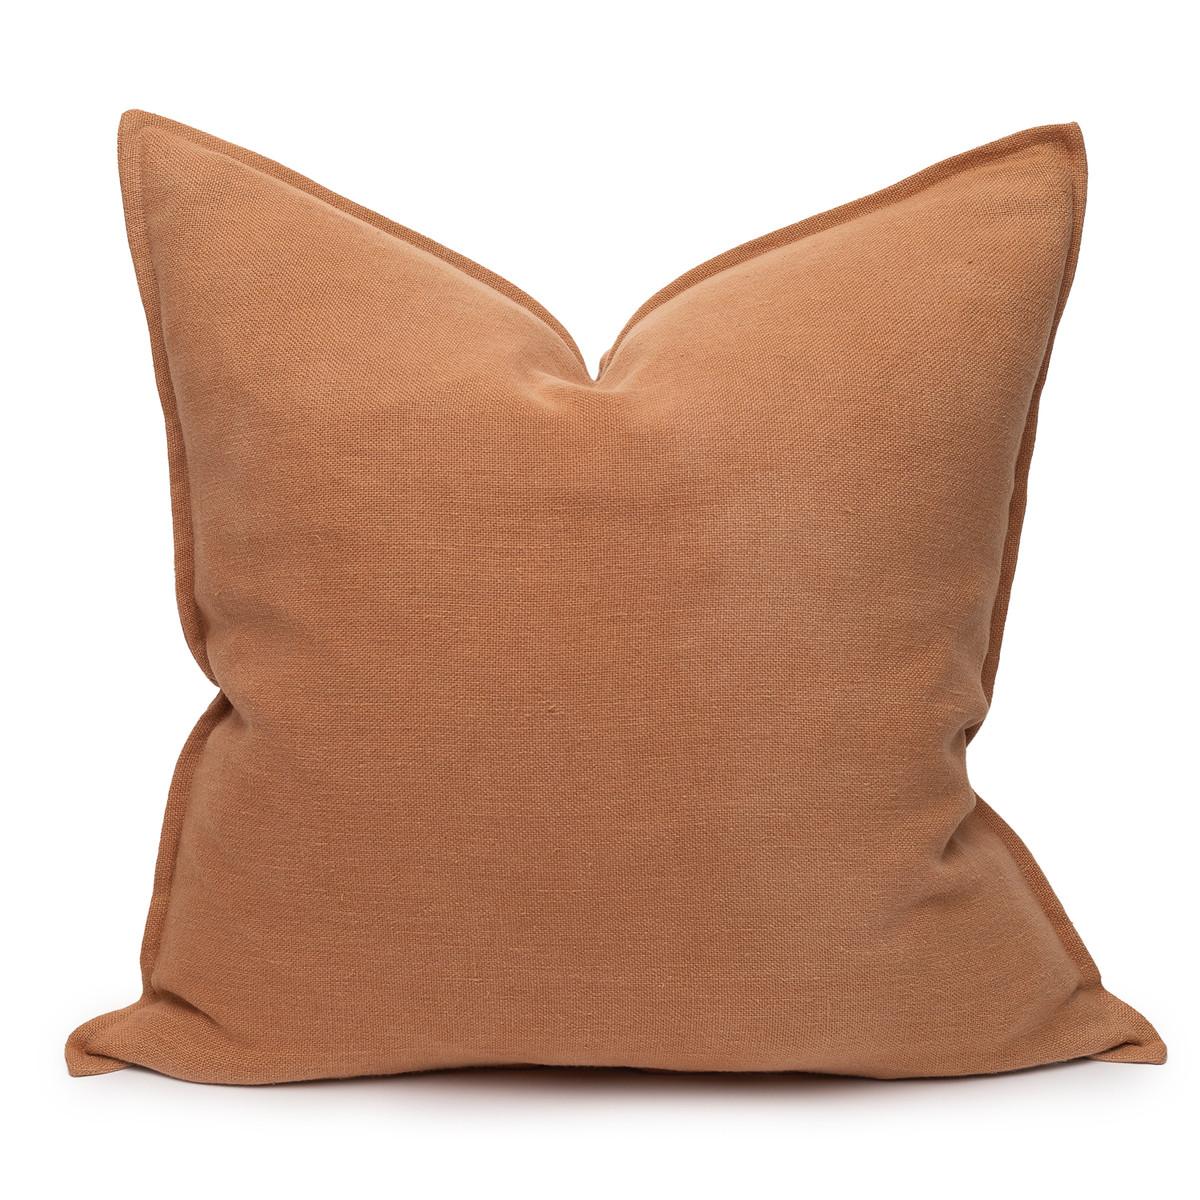 Simone PURE LINEN pillow Sunstone - front